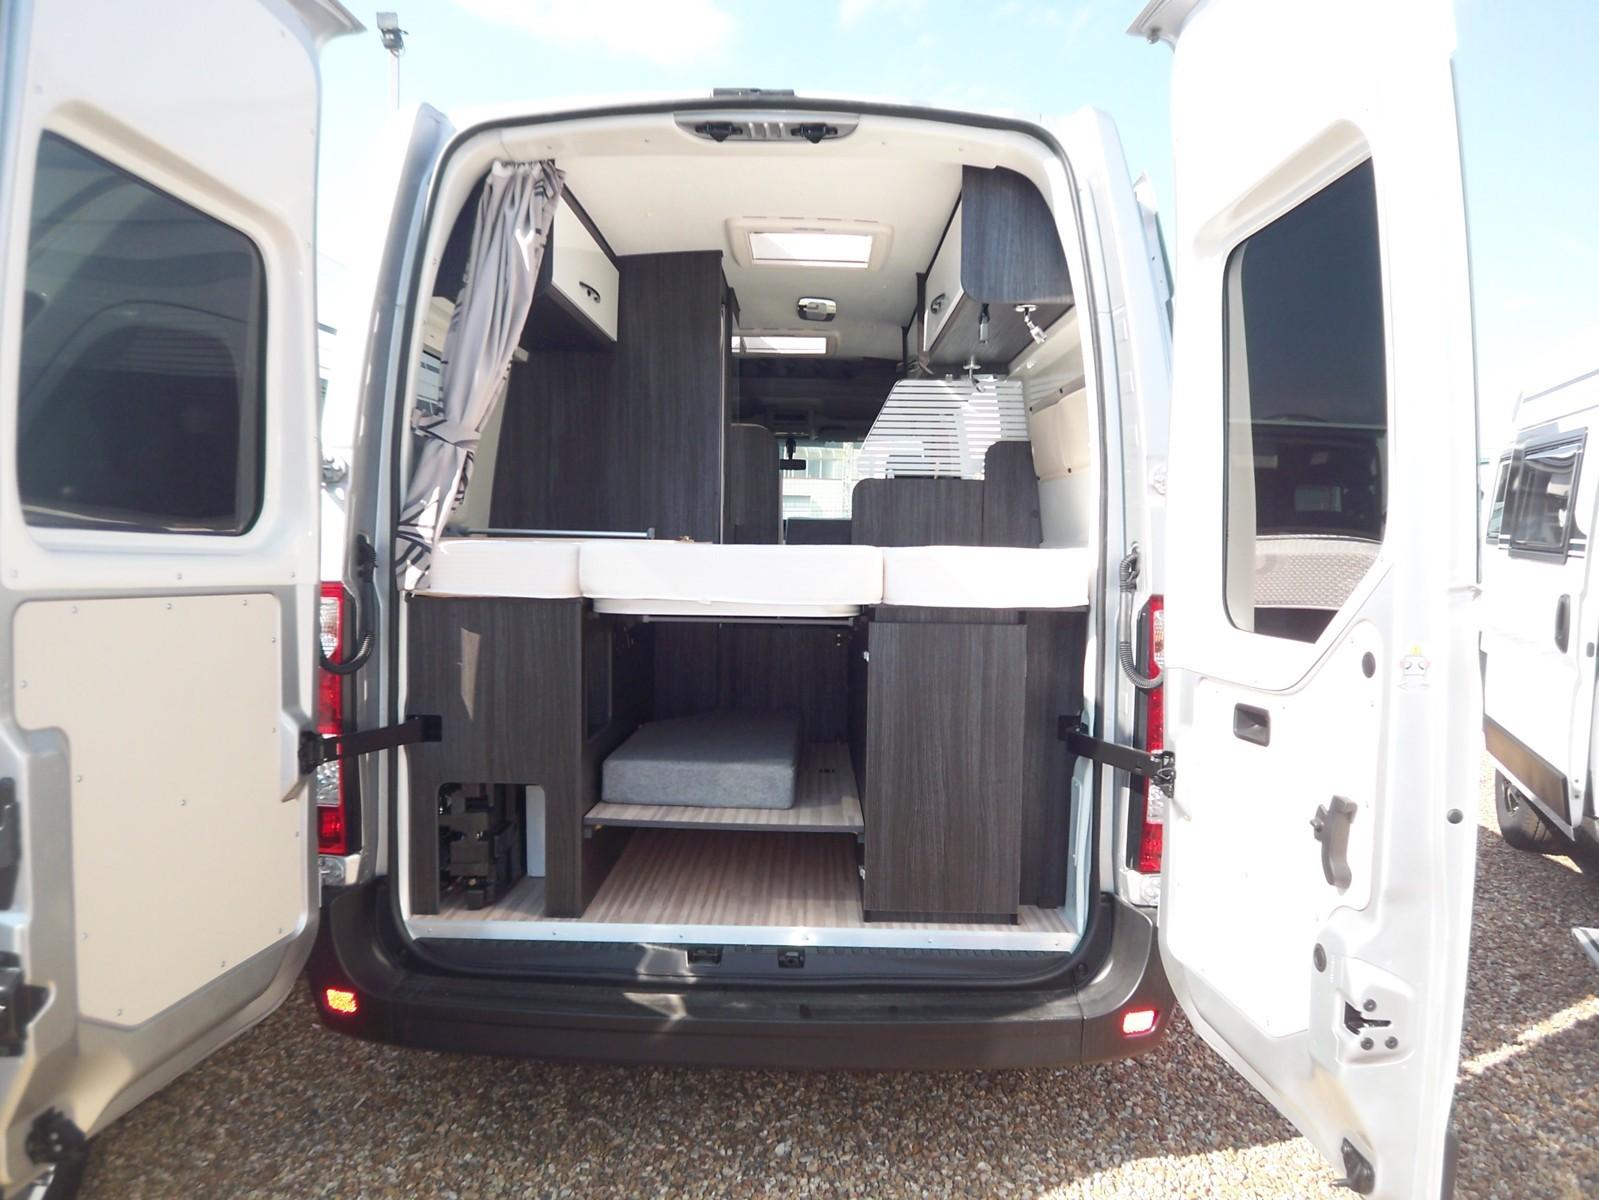 font vendome master van neuf de 2019 renault camping car en vente parcay meslay indre et. Black Bedroom Furniture Sets. Home Design Ideas